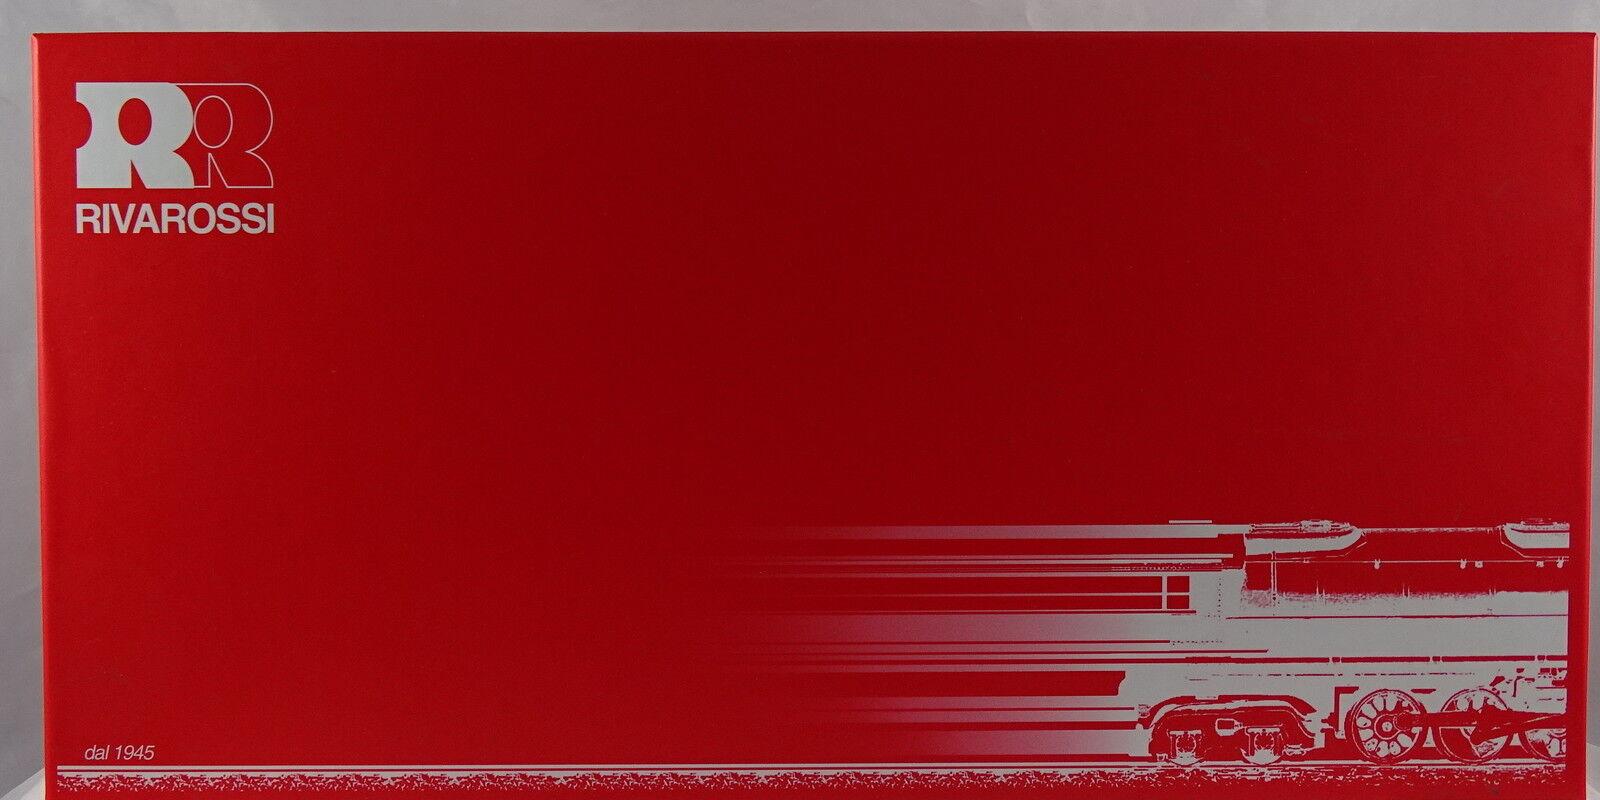 Rivarossi R 5477 Boise Cascade 3 2 trucks Heisler rare sin abrir nueva de fábrica